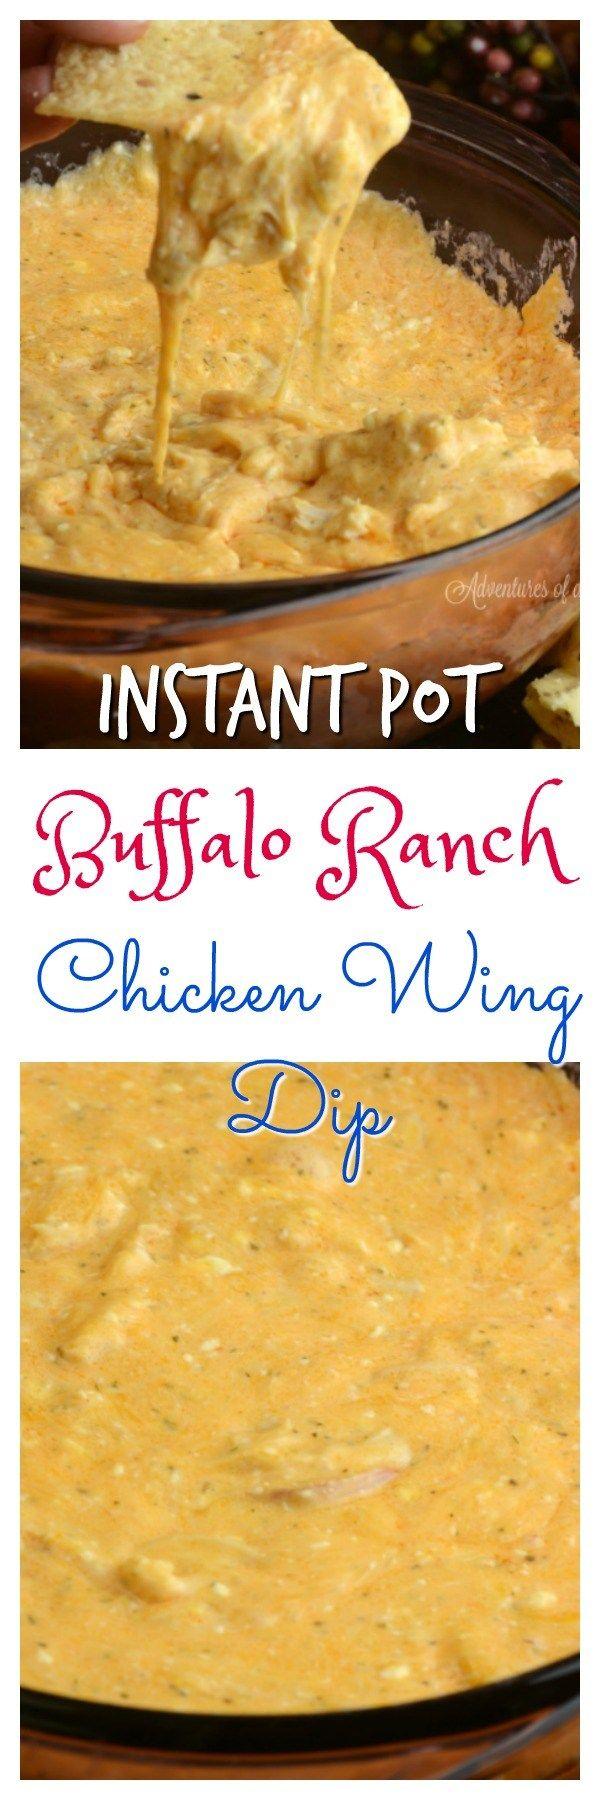 Instant Pot Buffalo Ranch Chicken Dip - Adventures of a Nurse